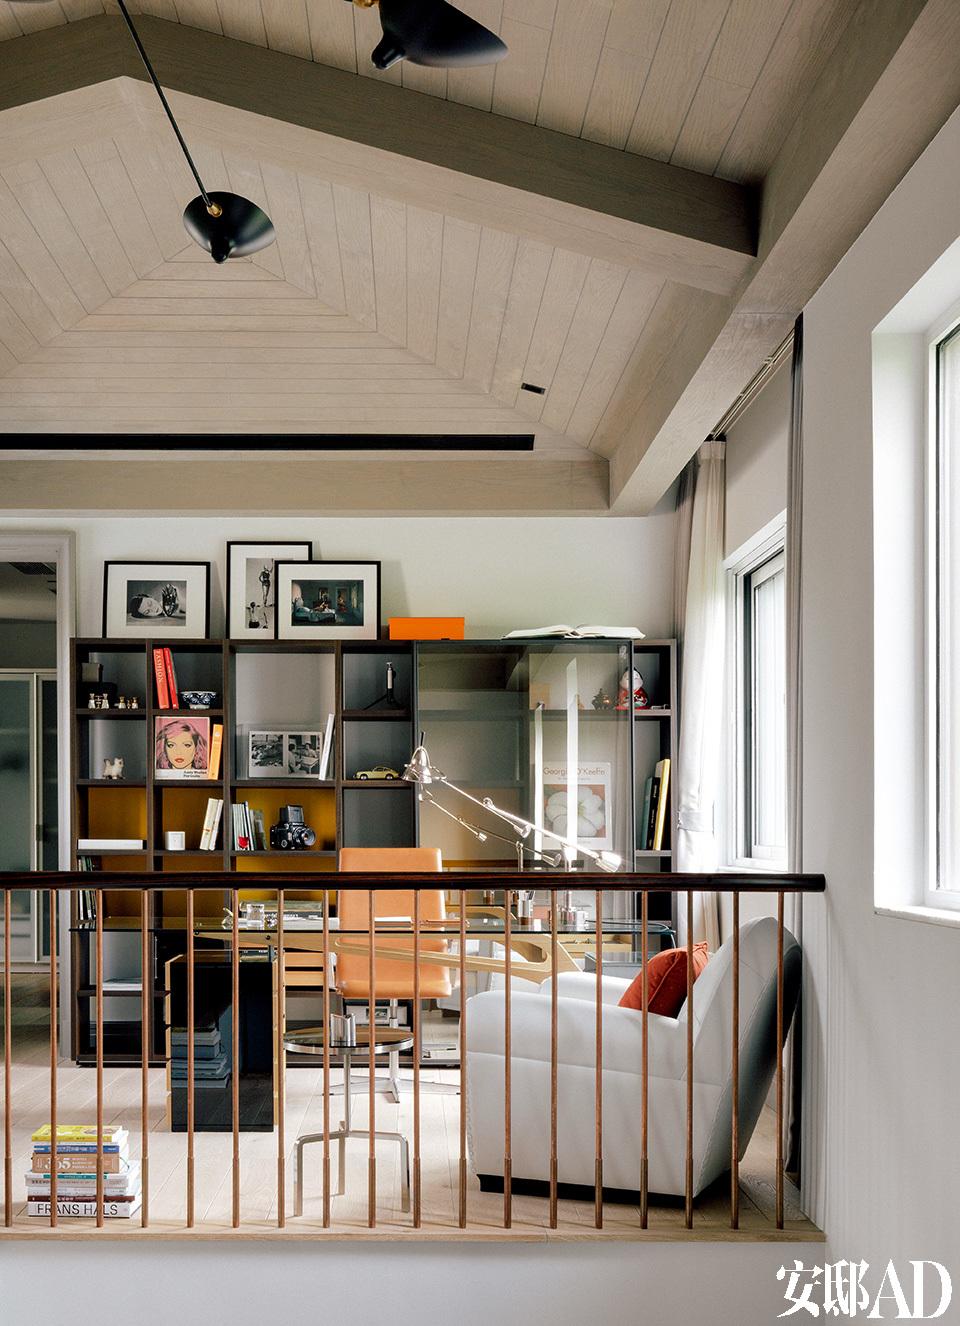 大笔一挥, 将二层细碎空间整合成两间大卧室及开放书房。作为一对丁克夫妇的第二居所 , 也足够用了。二层的开放式书房,摆放的是张成喆欣赏的摄影家ManRay及Richard Tuschman的作品,书桌上的Tecnolumen台灯是他喜爱的设计。他说旧家还有一堆收藏多年的书、杂志,及一套《丁丁历险记》的古董书,等着哪天好好摆到这儿来。